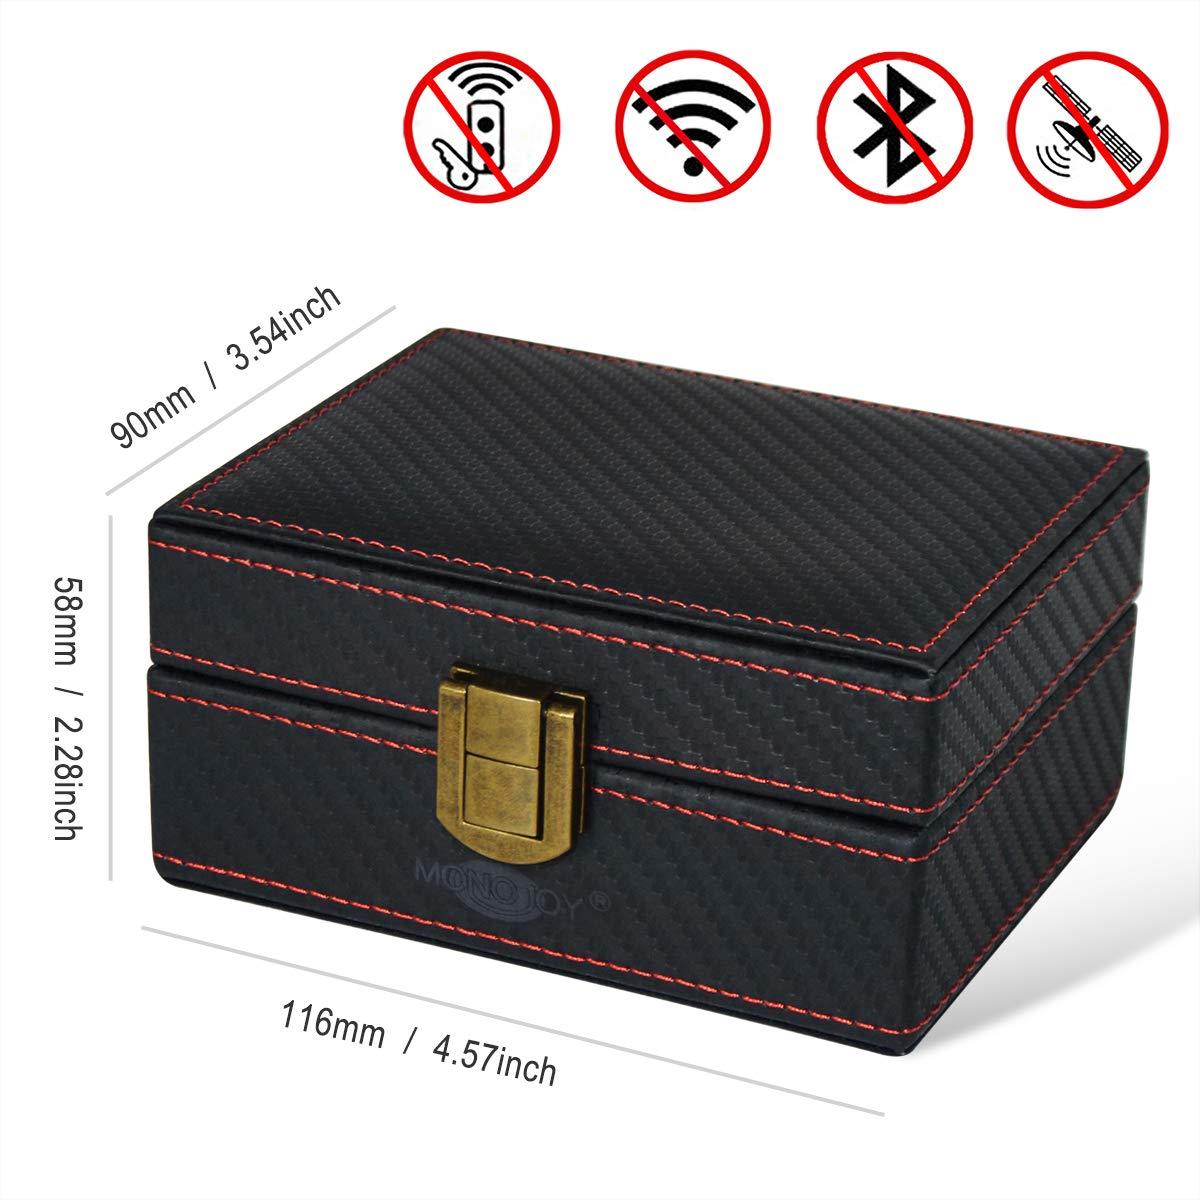 Monojoy Coque de Protection pour cl/é de Voiture et Moto Protection Contre Les Vols RFID Blocker